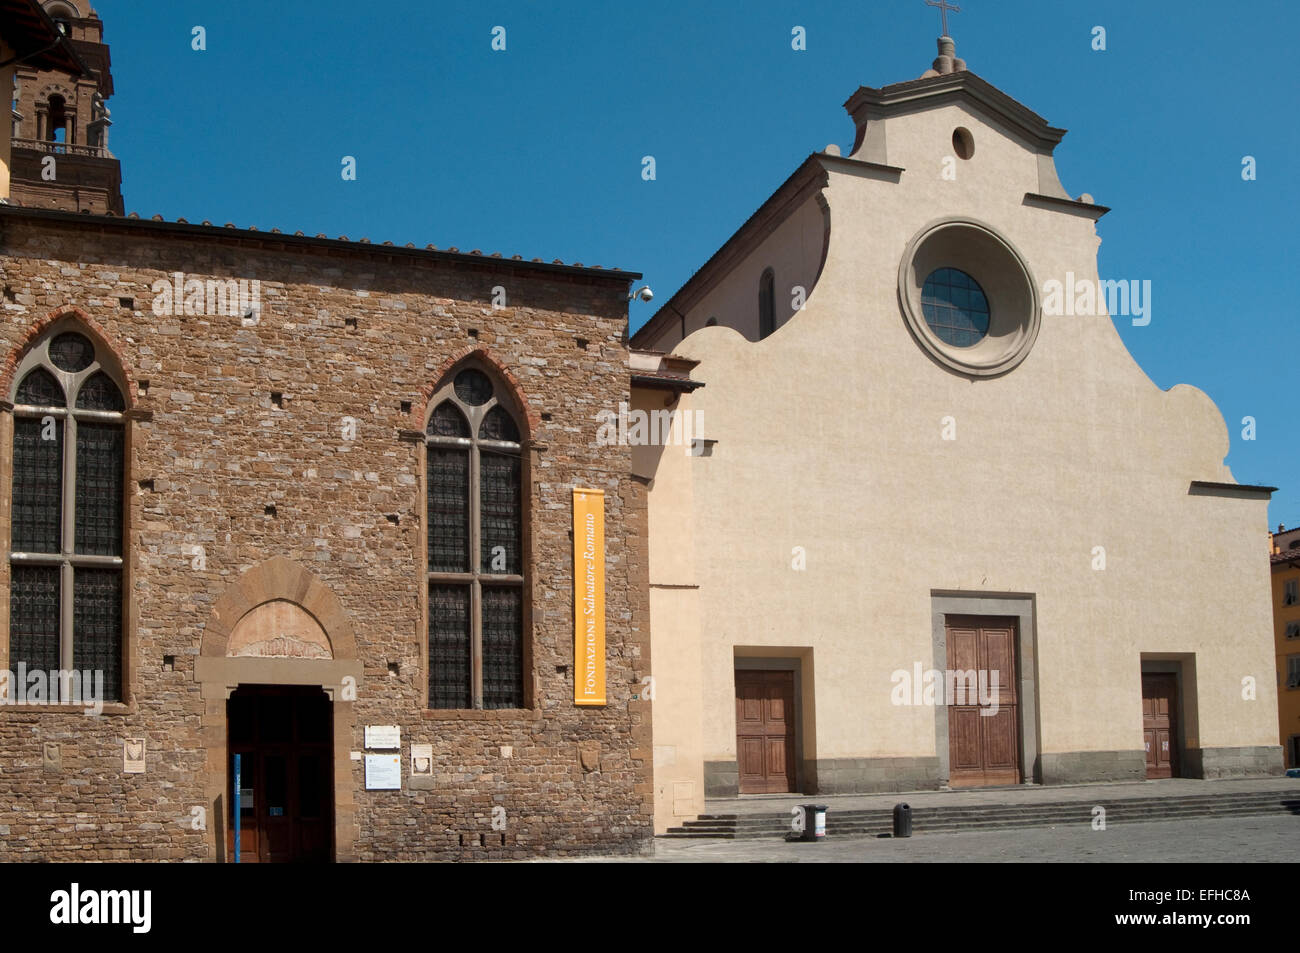 Italien, Toskana, Florenz, Kirche von Santo Spirito von Filippo Brunelleschi Stockfoto